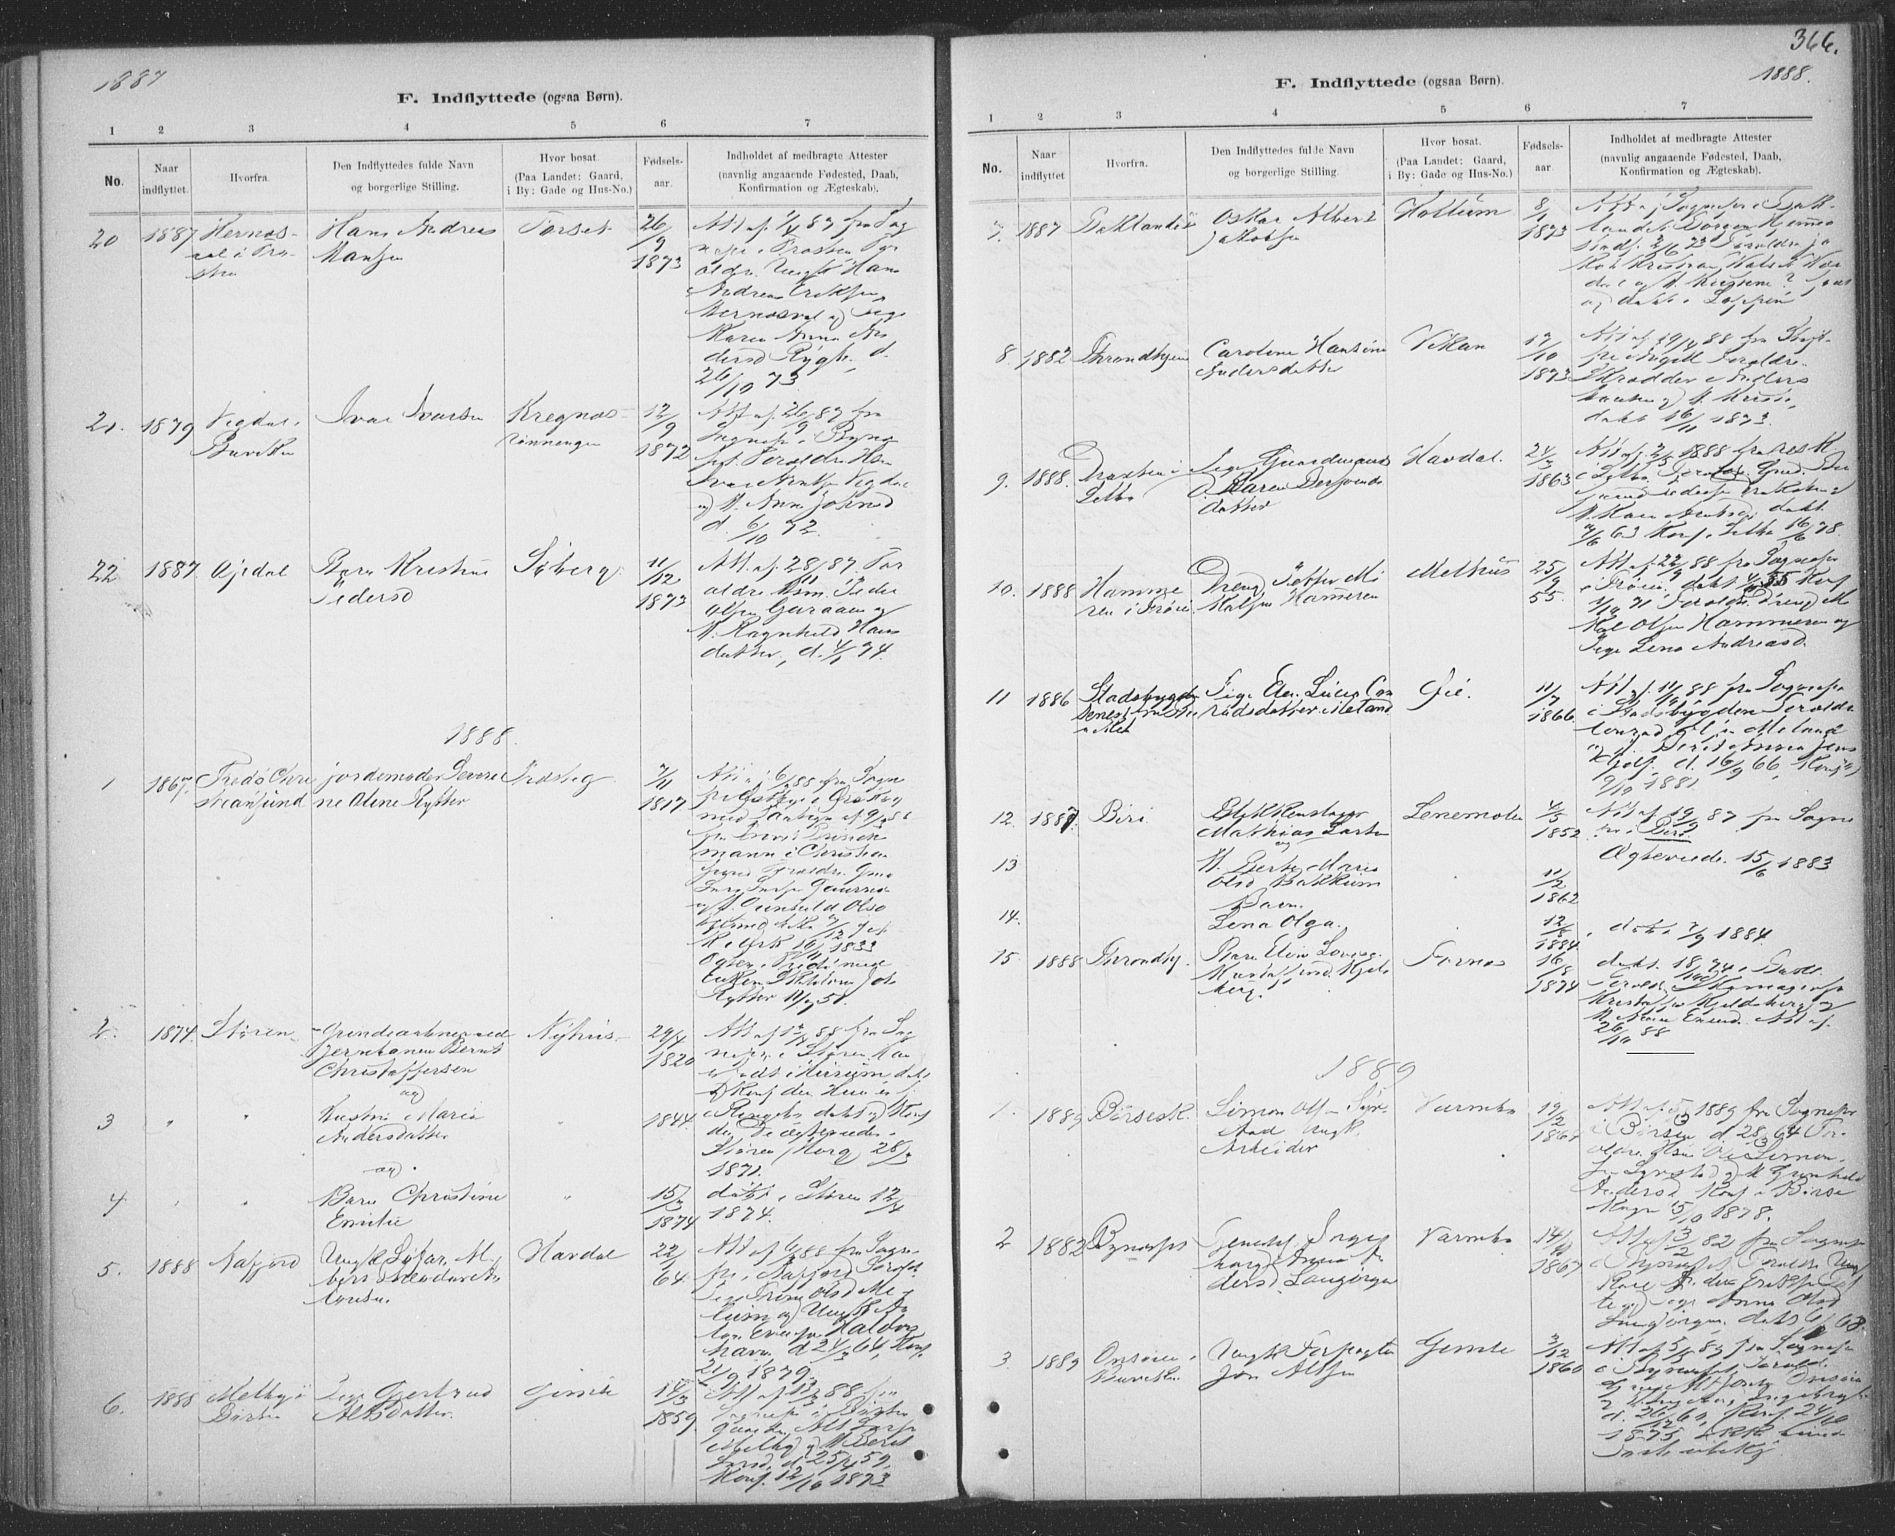 SAT, Ministerialprotokoller, klokkerbøker og fødselsregistre - Sør-Trøndelag, 691/L1085: Ministerialbok nr. 691A17, 1887-1908, s. 366